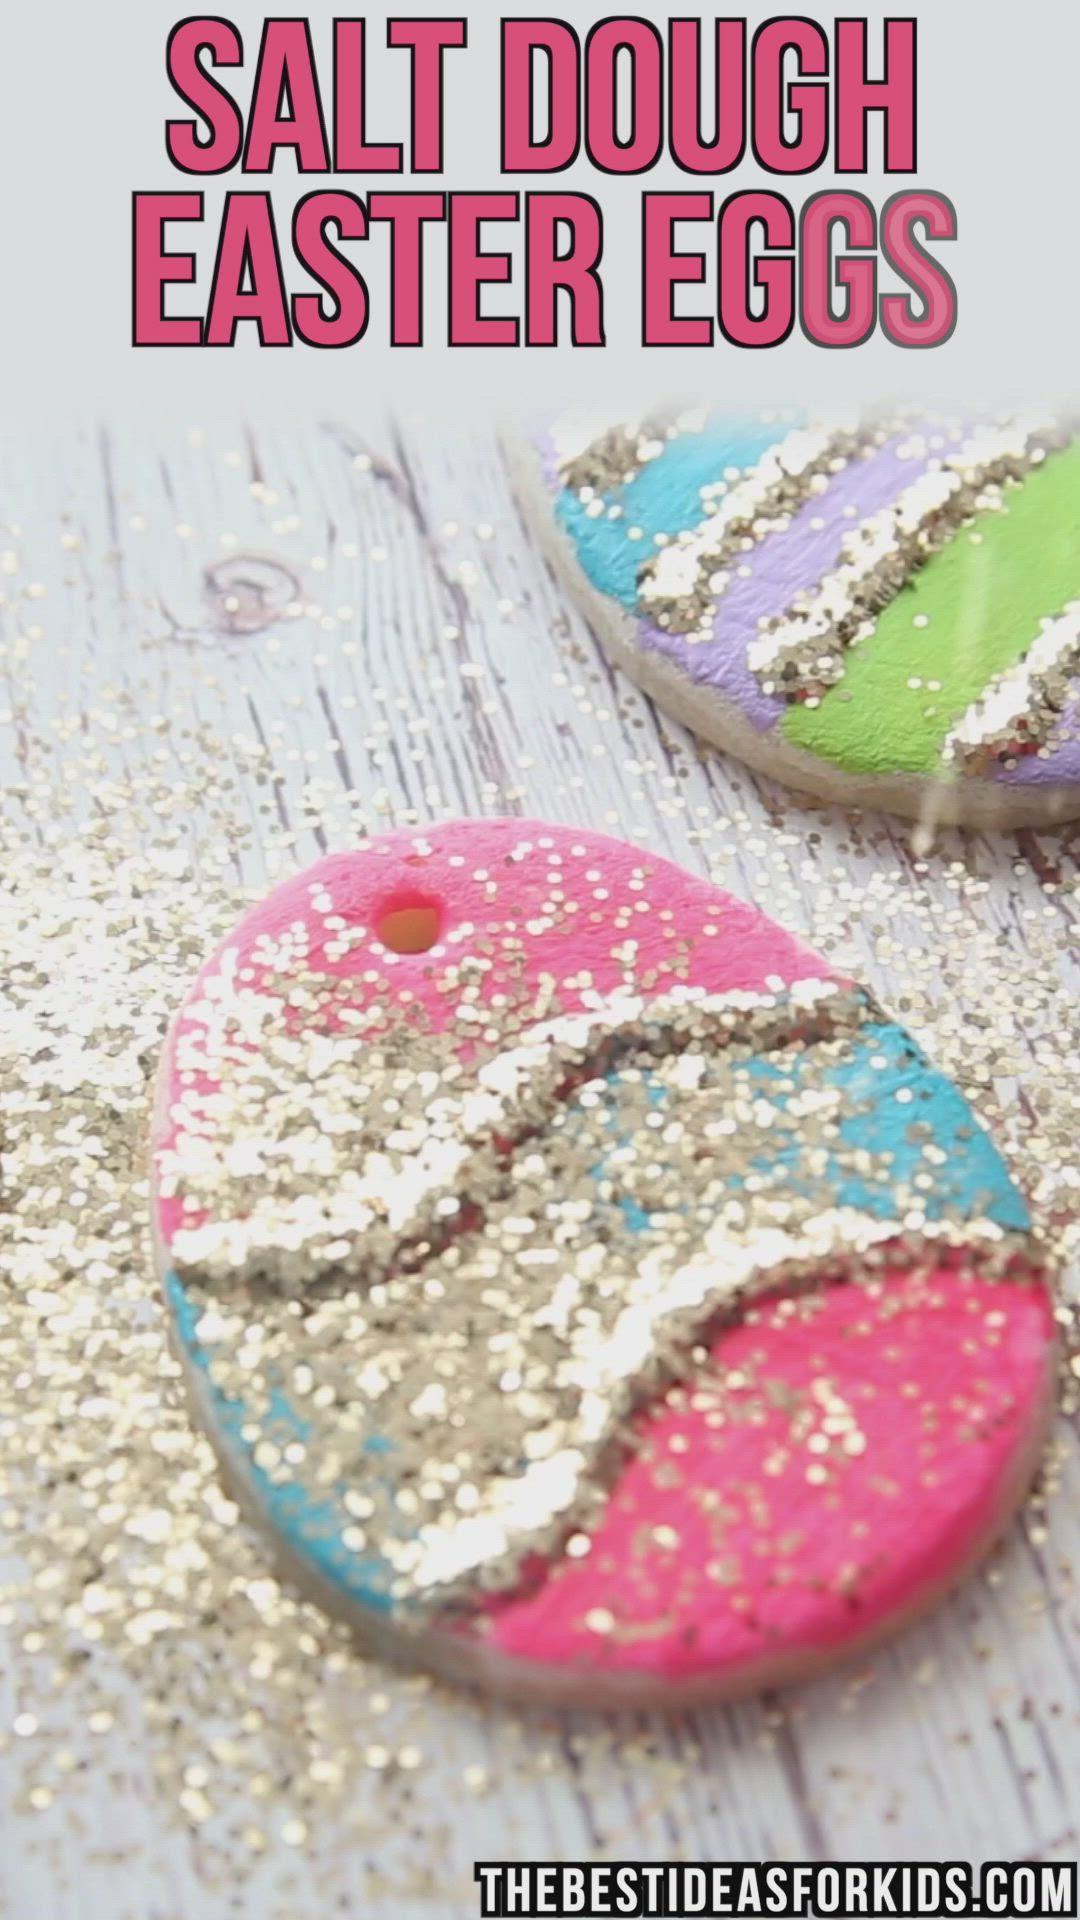 Salt Dough Easter Eggs The Best Ideas For Kids Video Video Fun Easter Crafts Easter Crafts Easter Kids